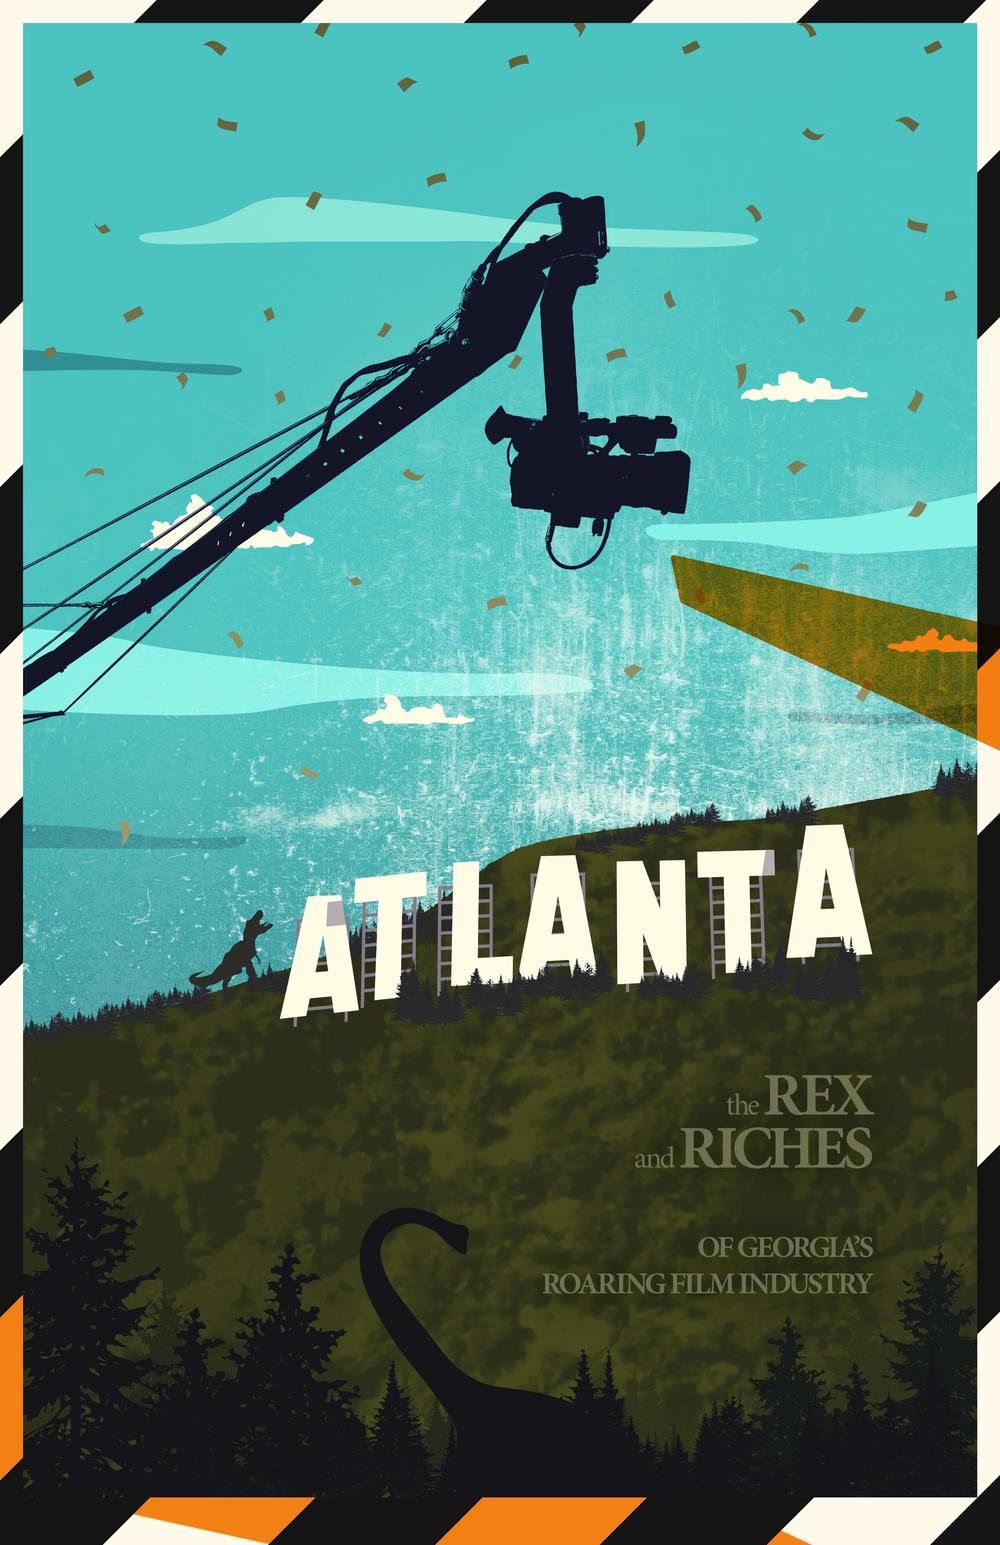 Atlanta Hollywood Poster.png